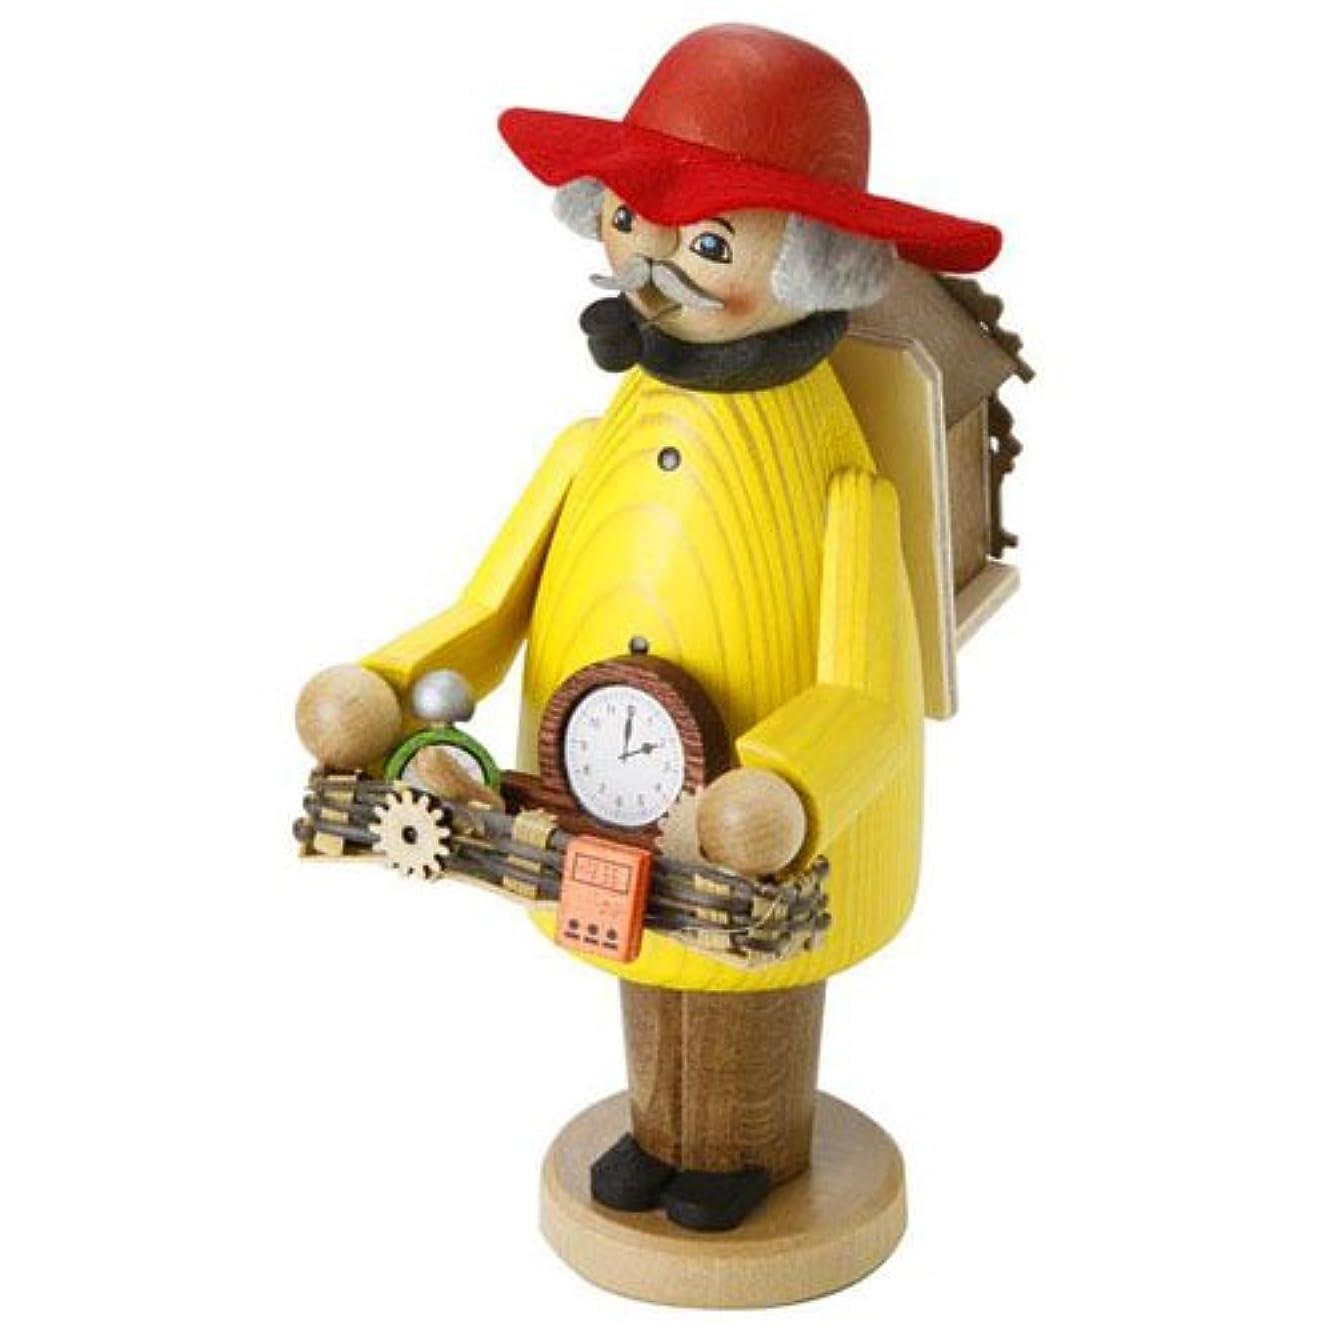 サーマル知る黙認するkuhnert ミニパイプ人形香炉 時計売り